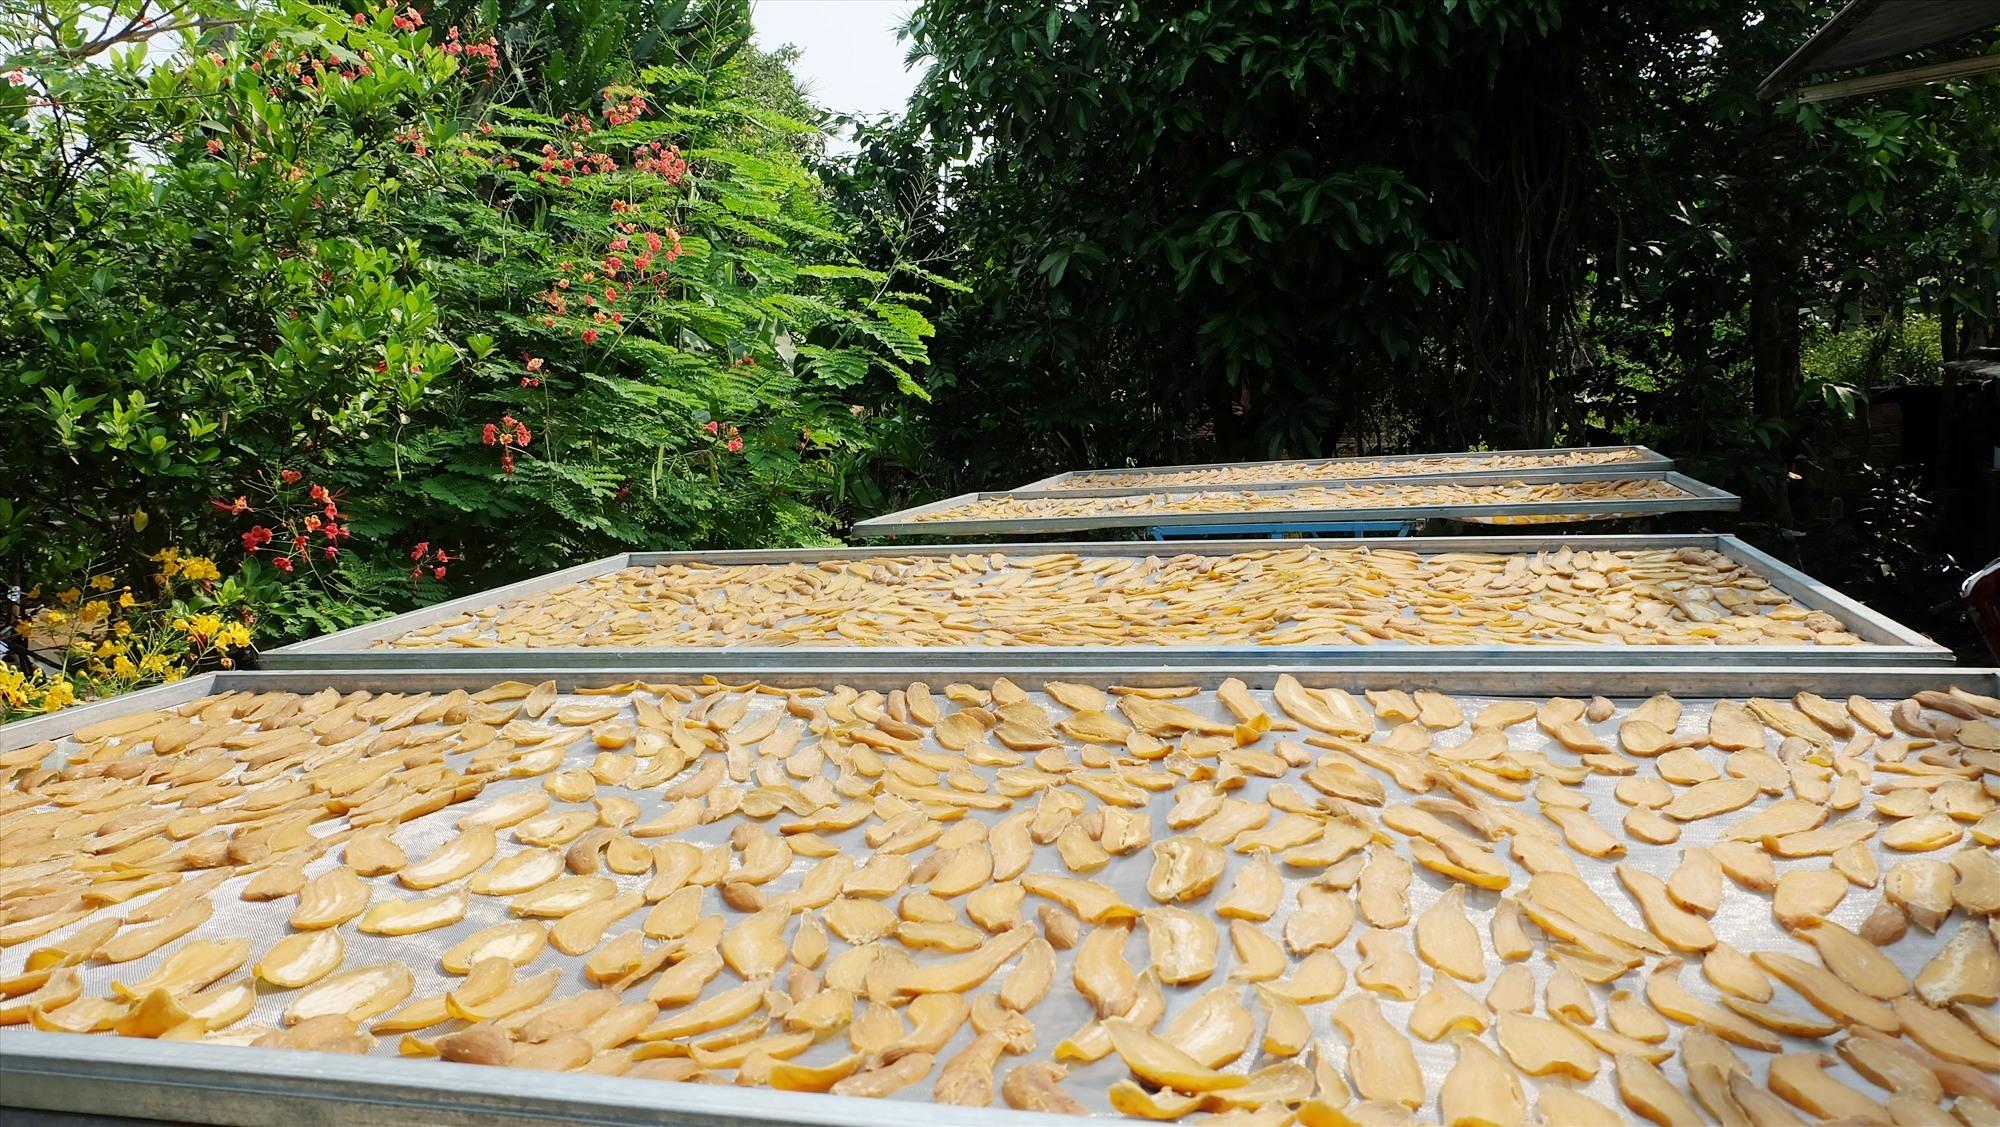 Những vỉ khoai được phơi trên cao để đảm bảo vệ sinh và nhiều nắng. Ảnh: M.L